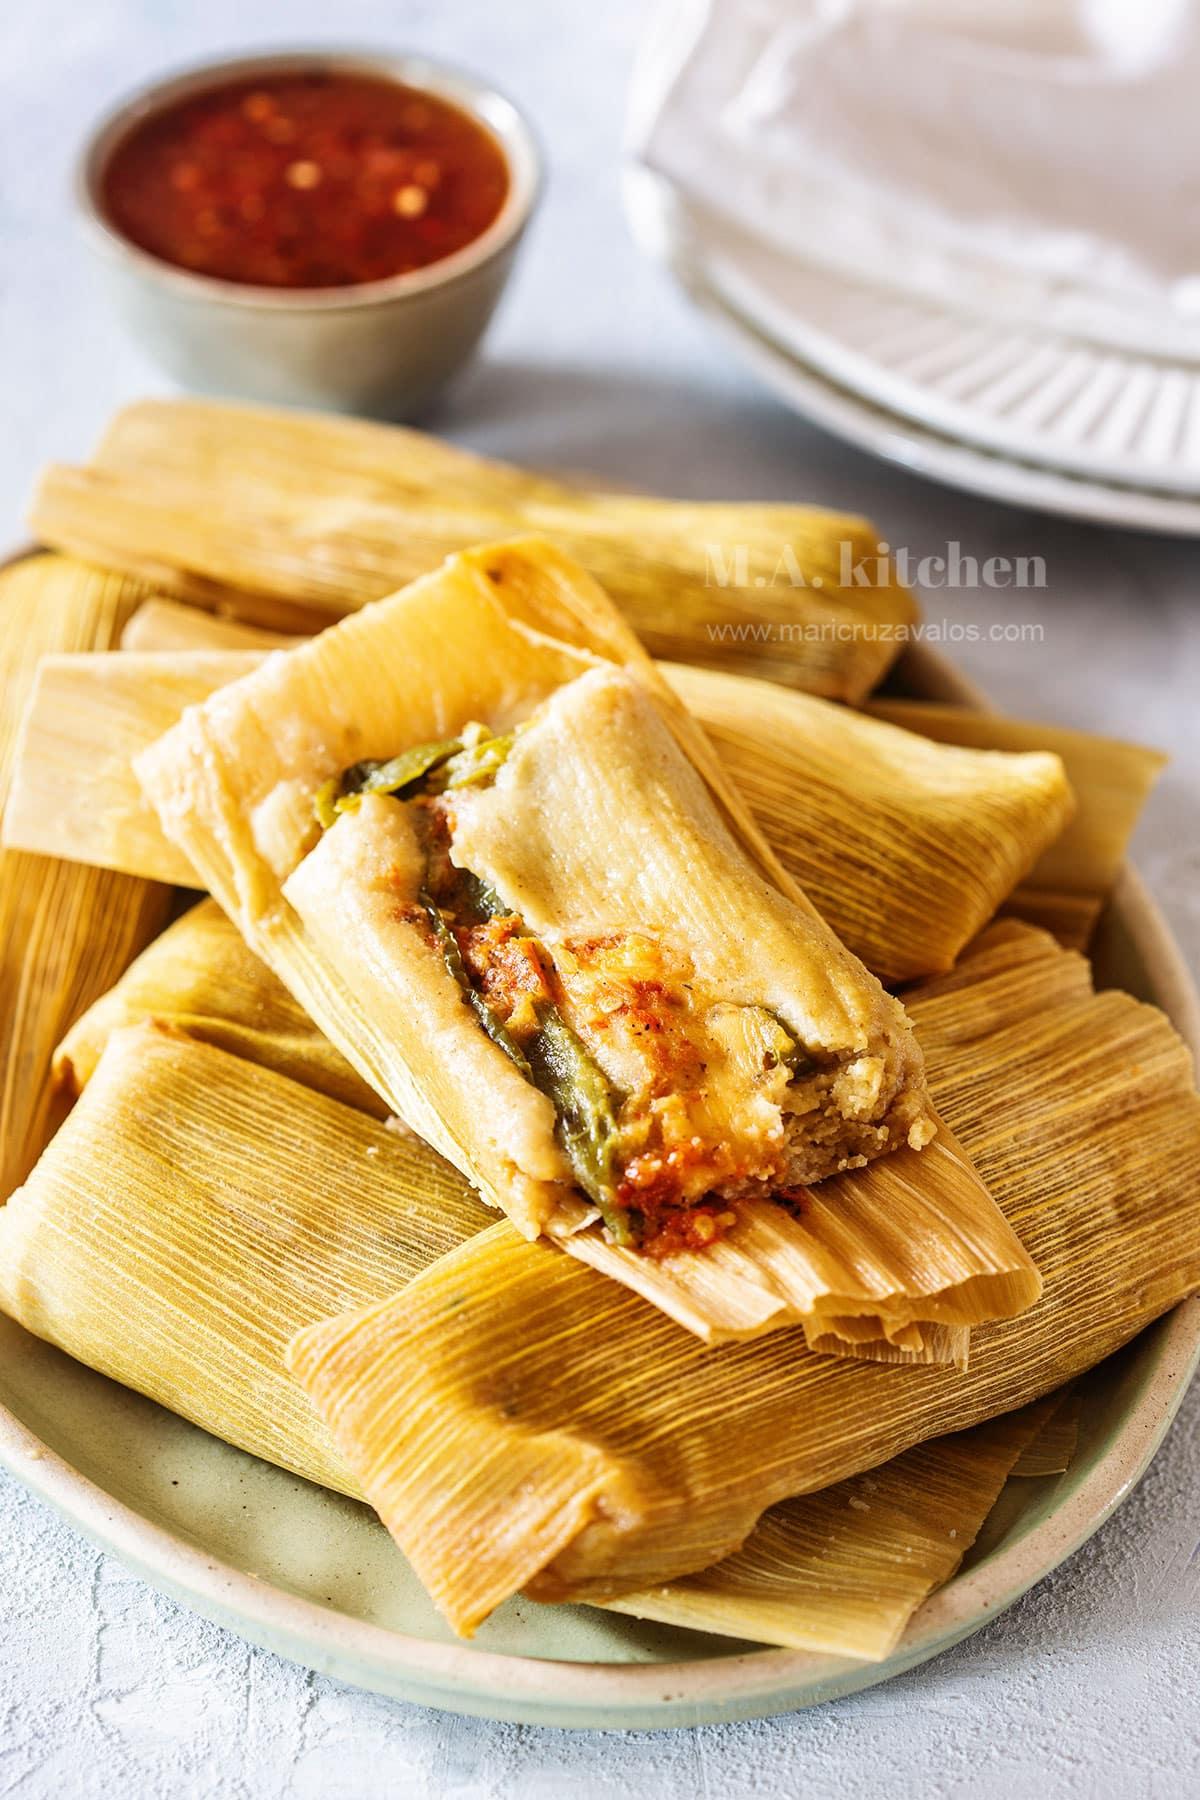 Tamales de rajas con queso (rajas tamales).